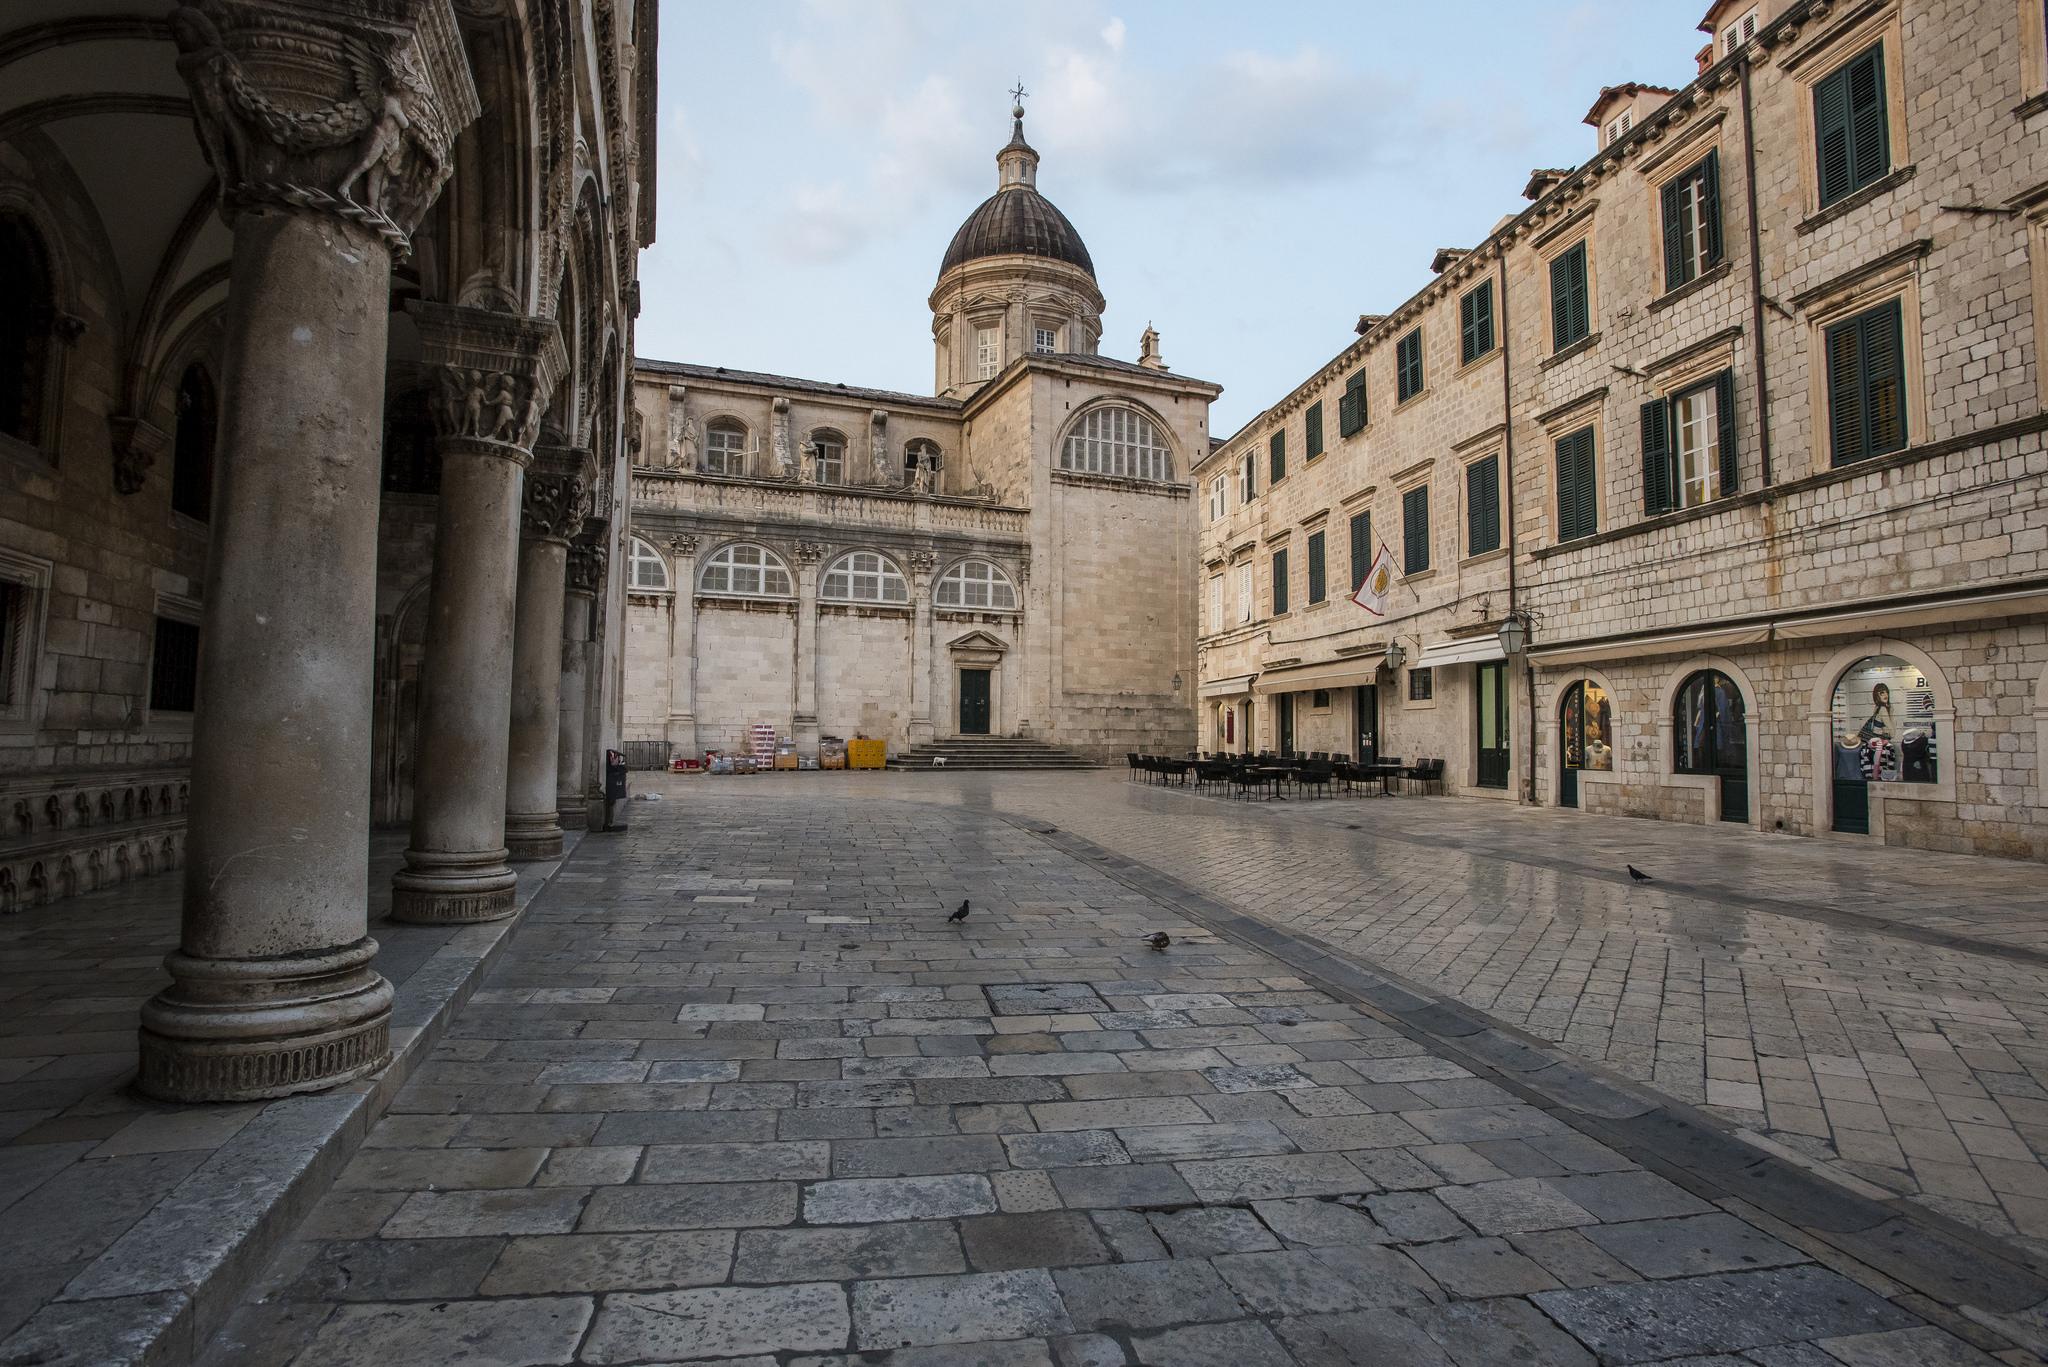 Dubrovnik Cathedral